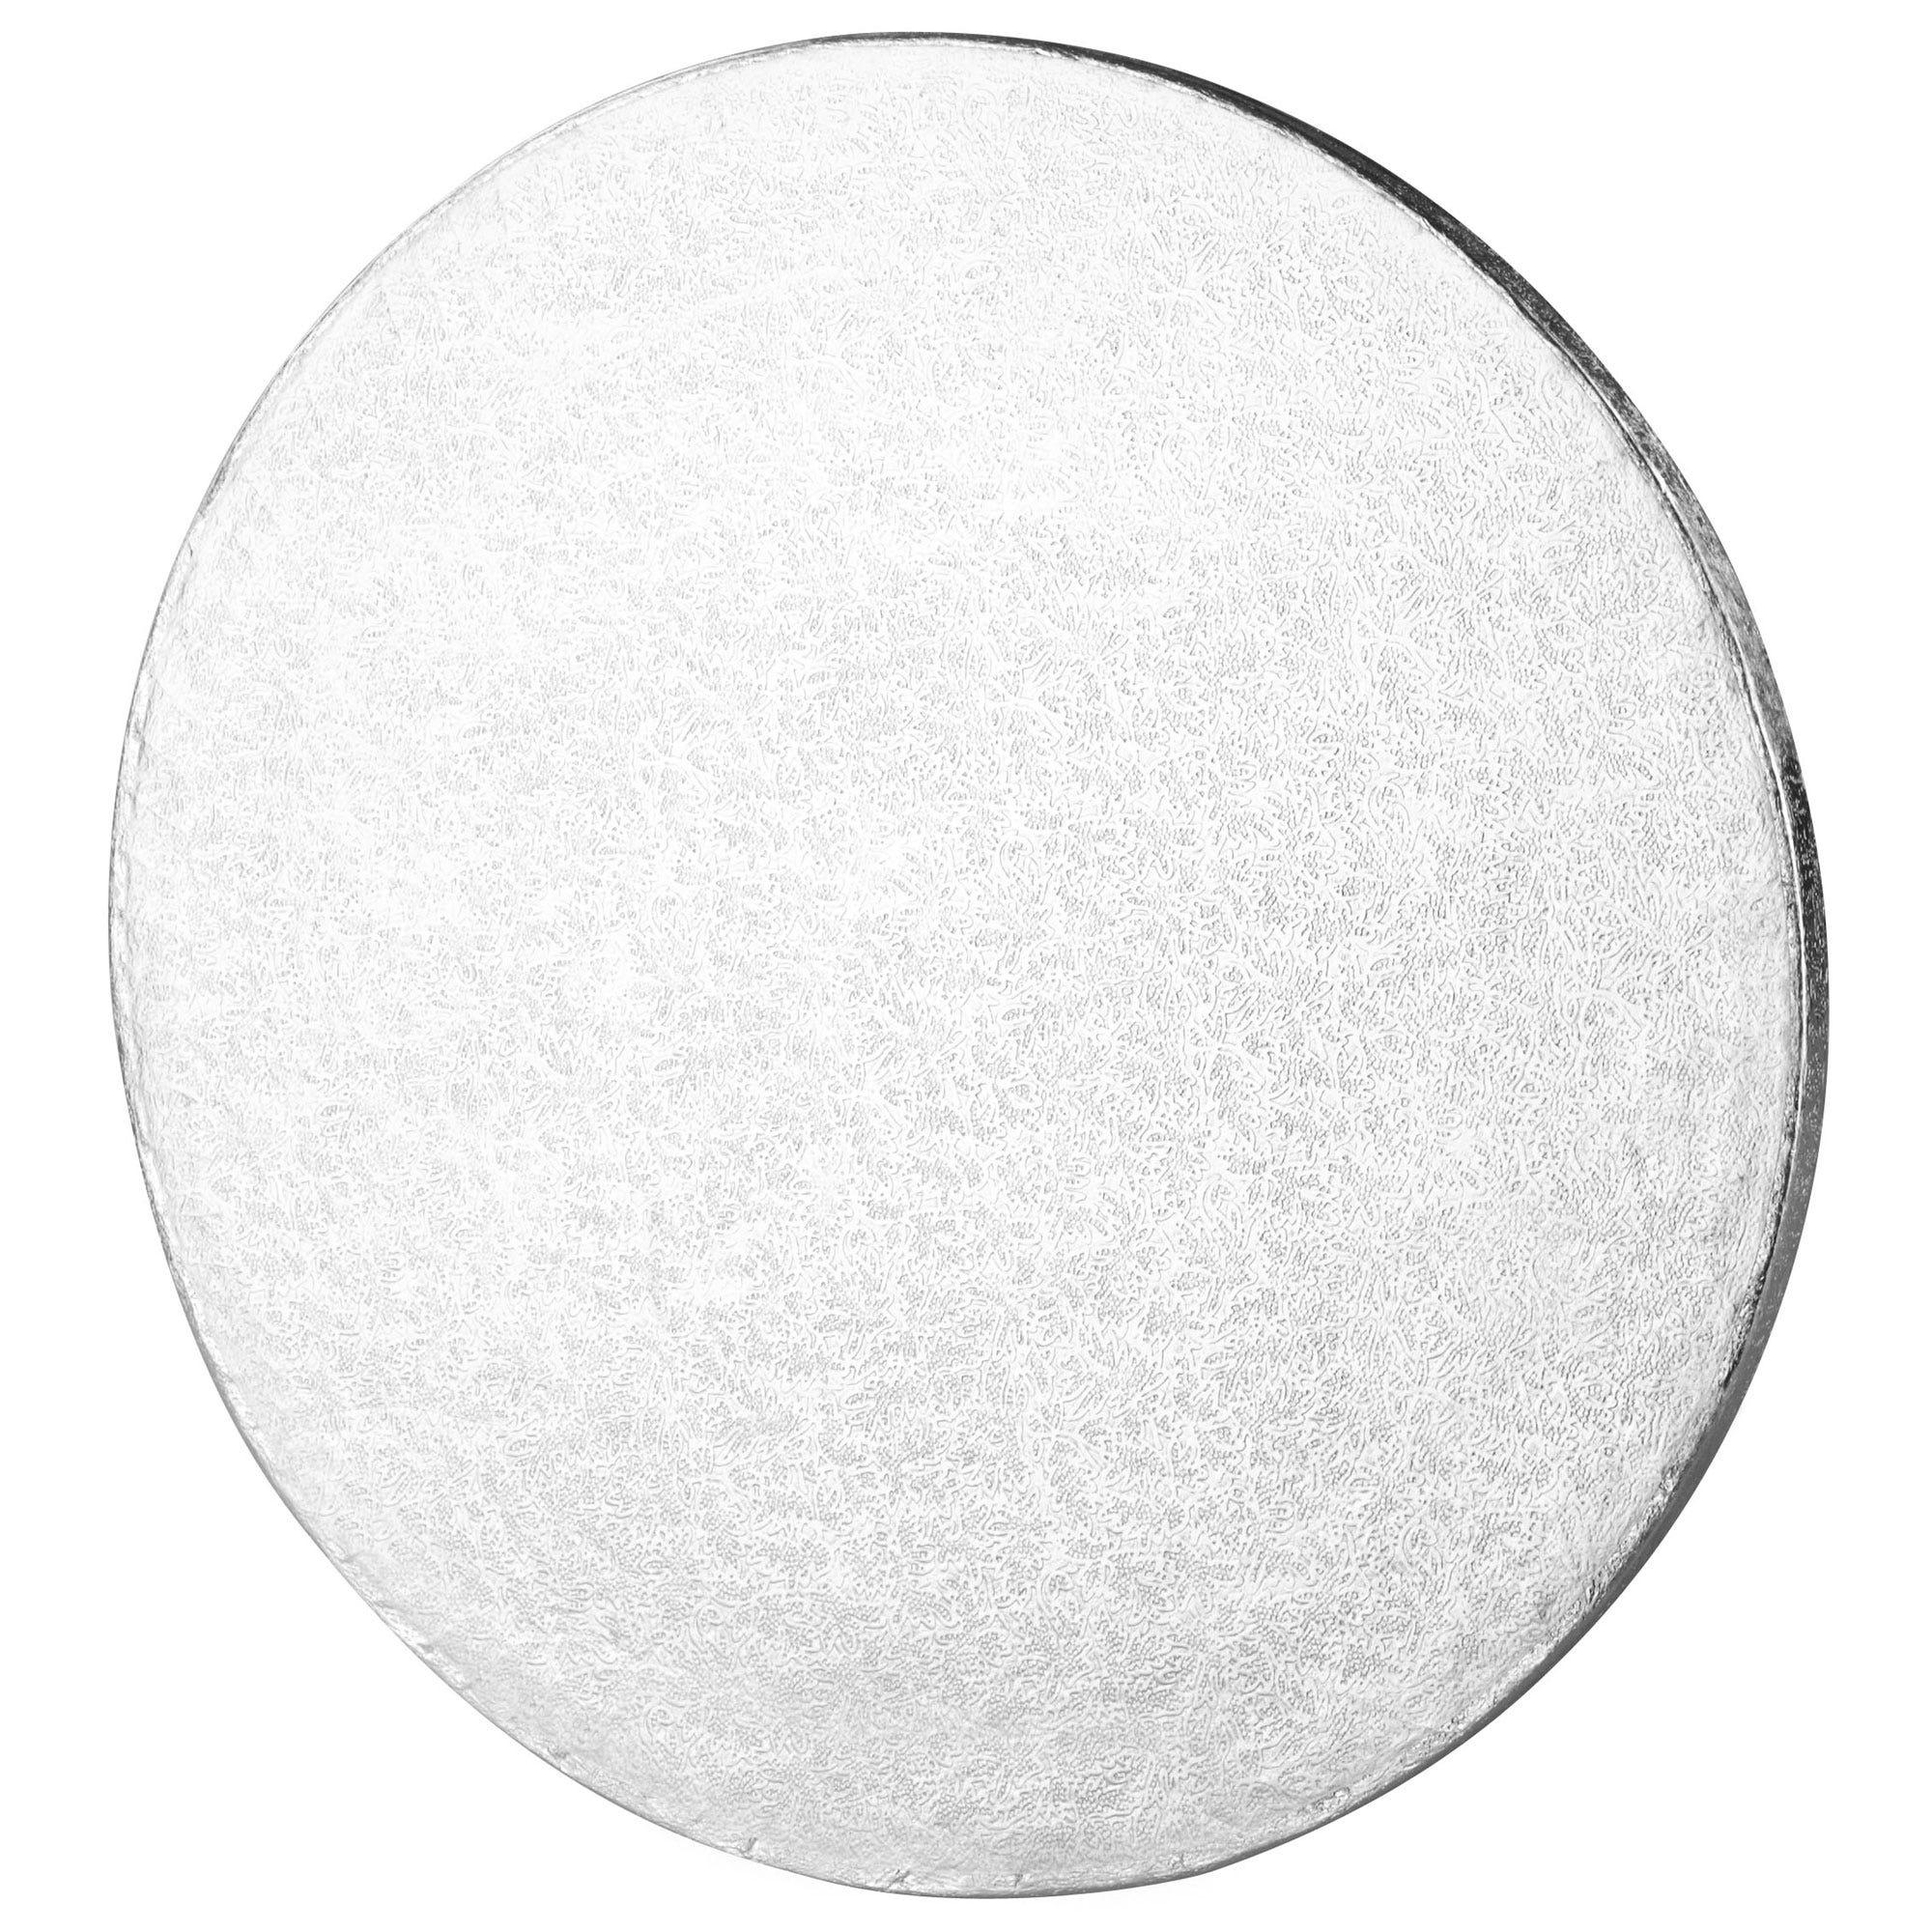 Compare prices for Tala 10 Inch Round Cake Board Silver Foil